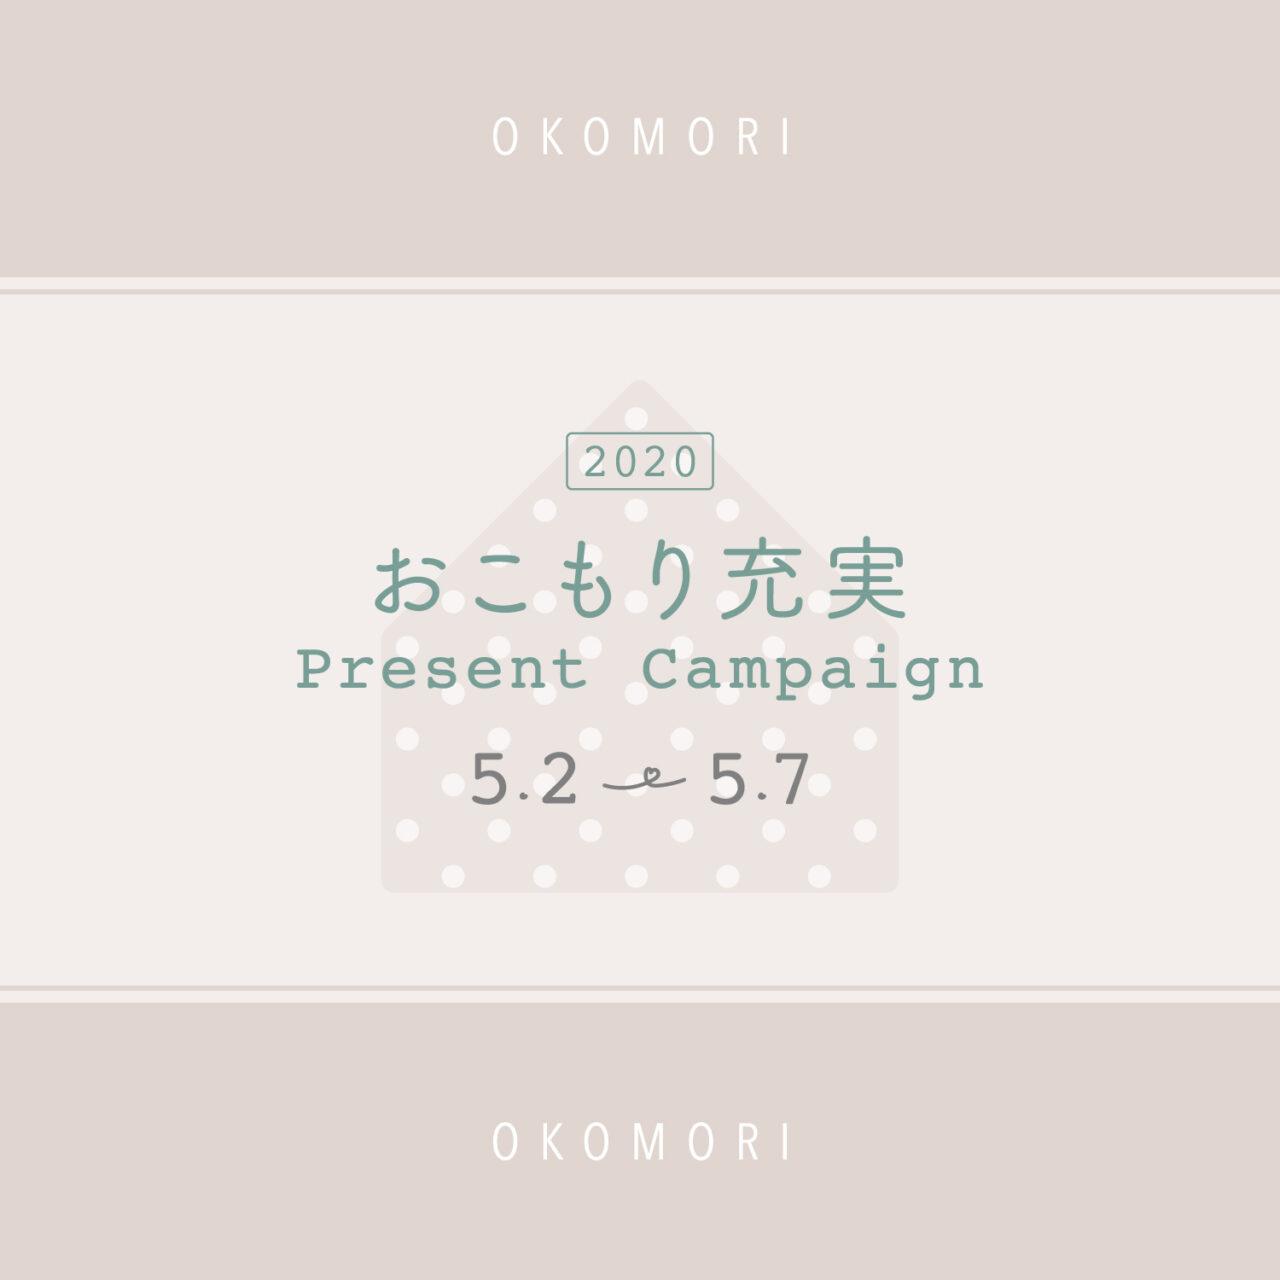 【第2弾】かわいいに溢れたおうち時間を♡おこもり充実プレゼントキャンペーン情報